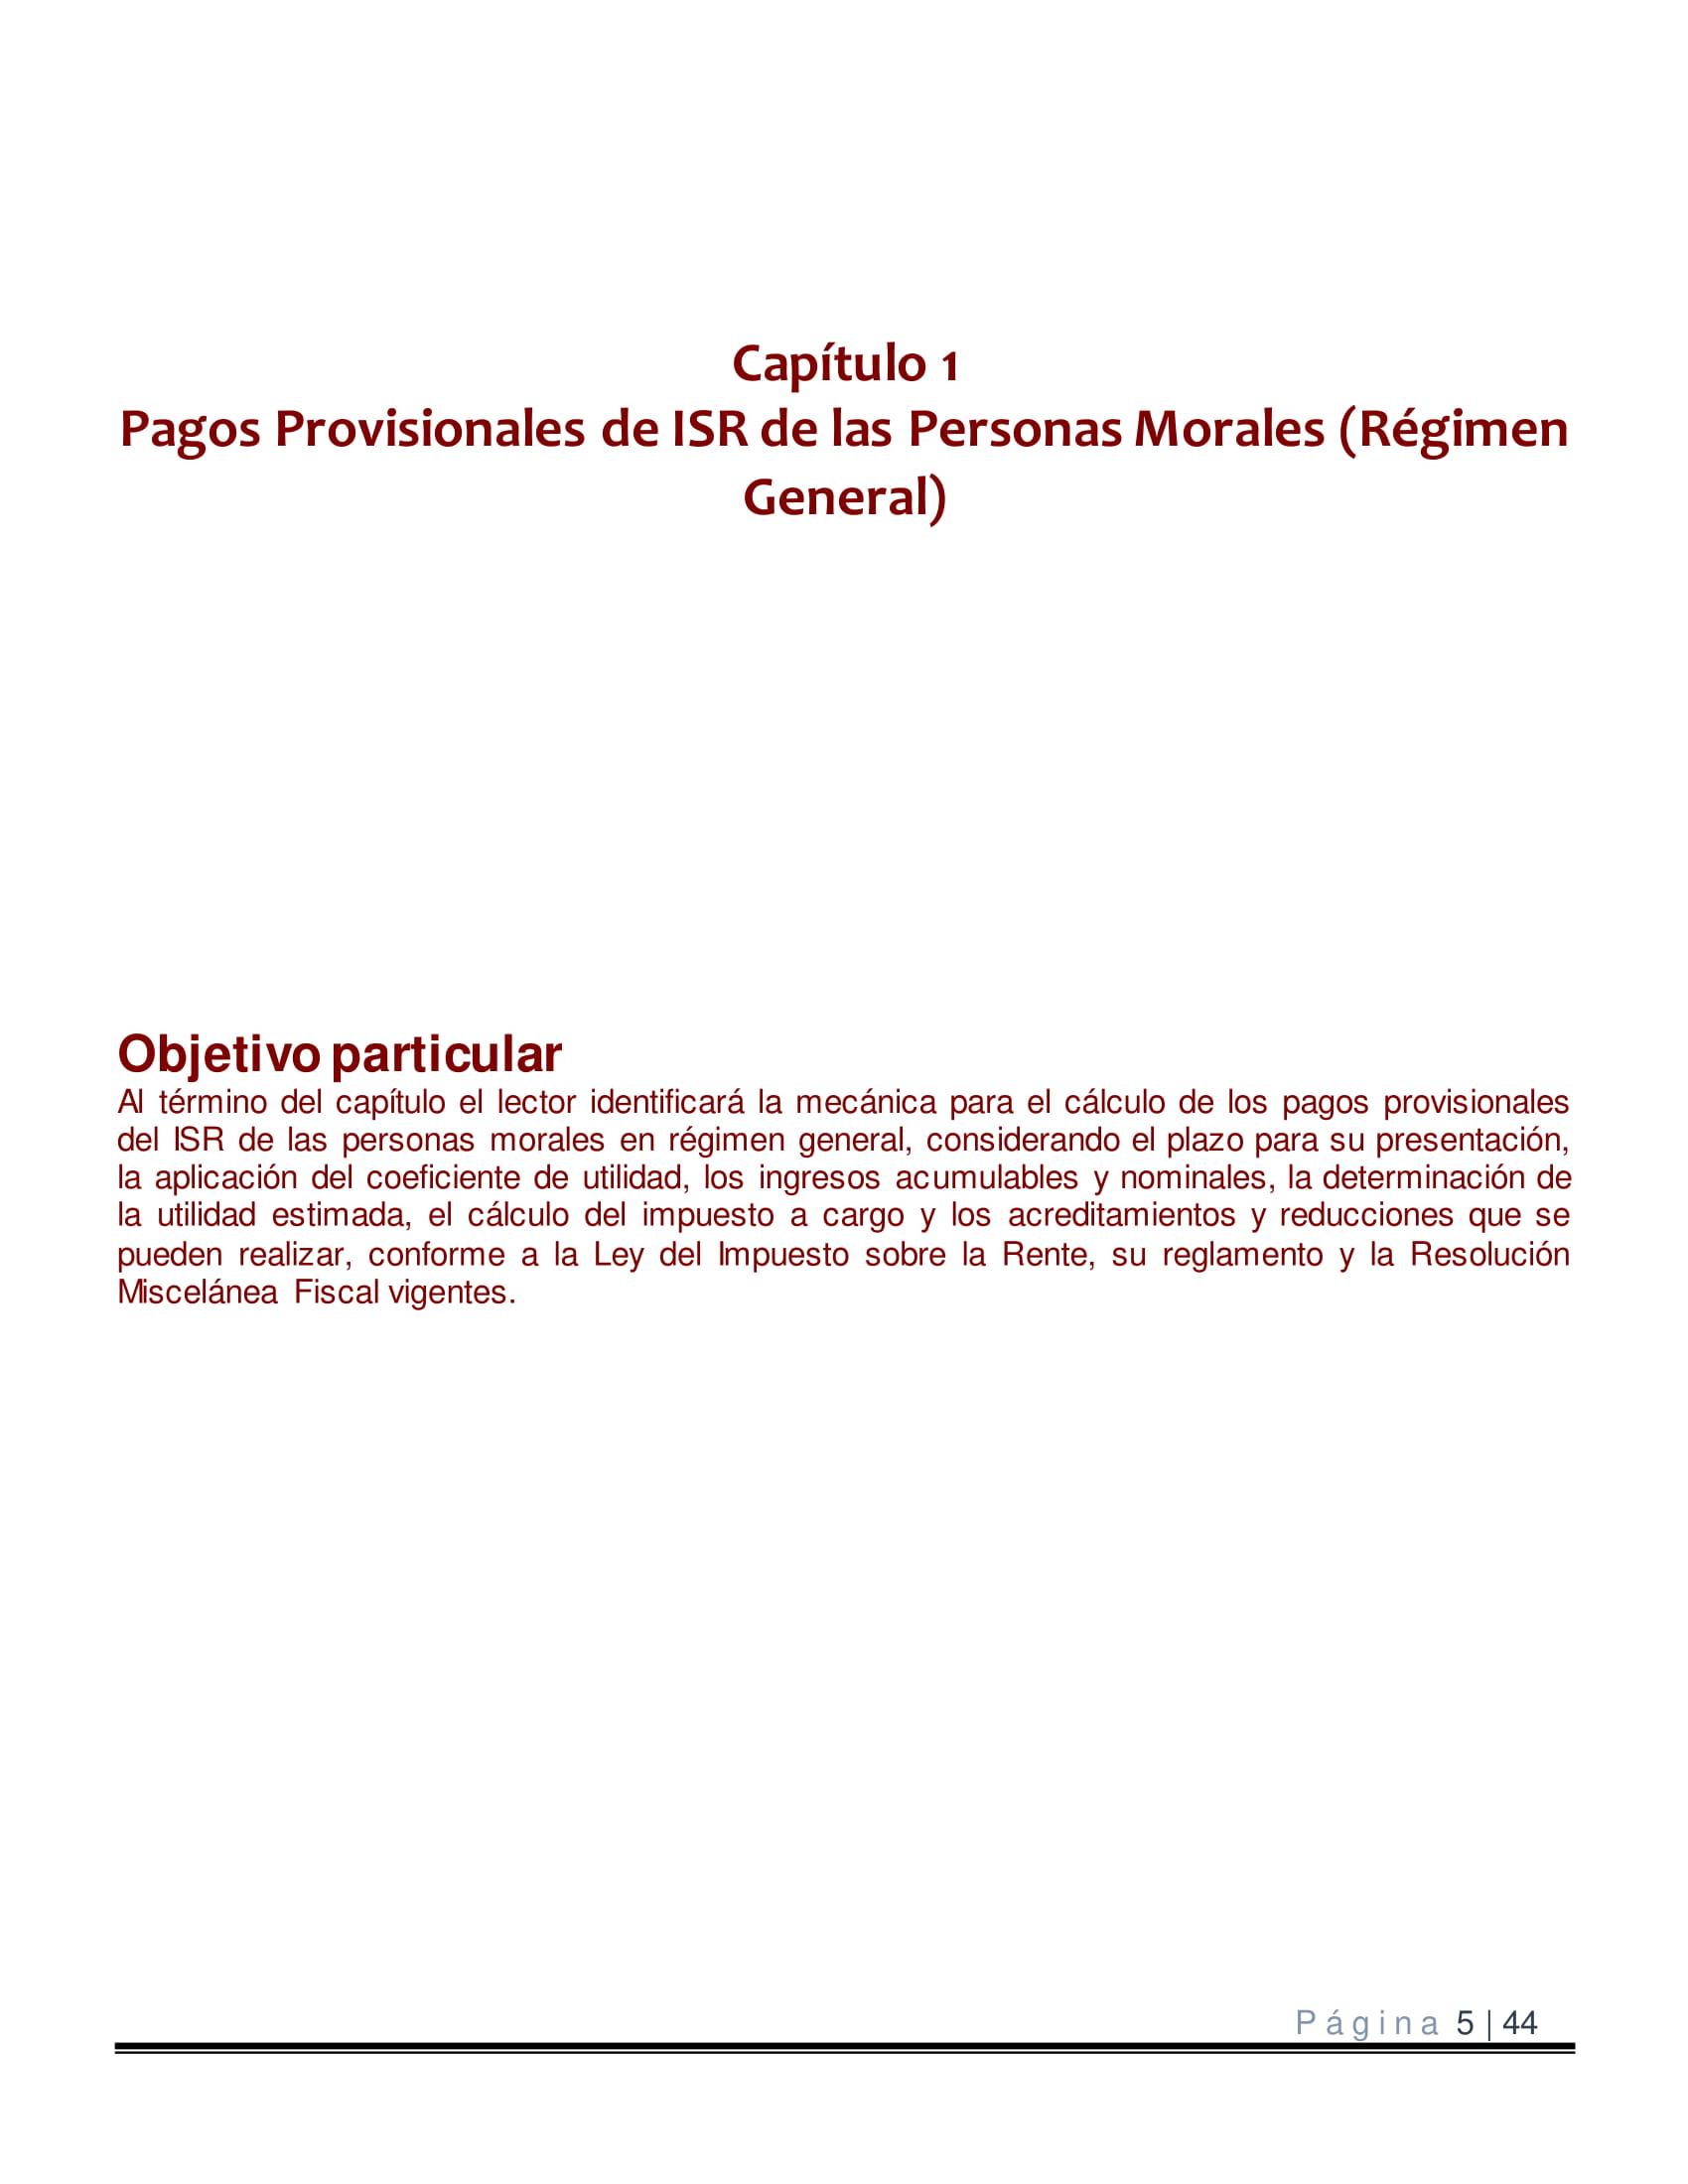 Libro_Pagos_Provisionales_2018-05